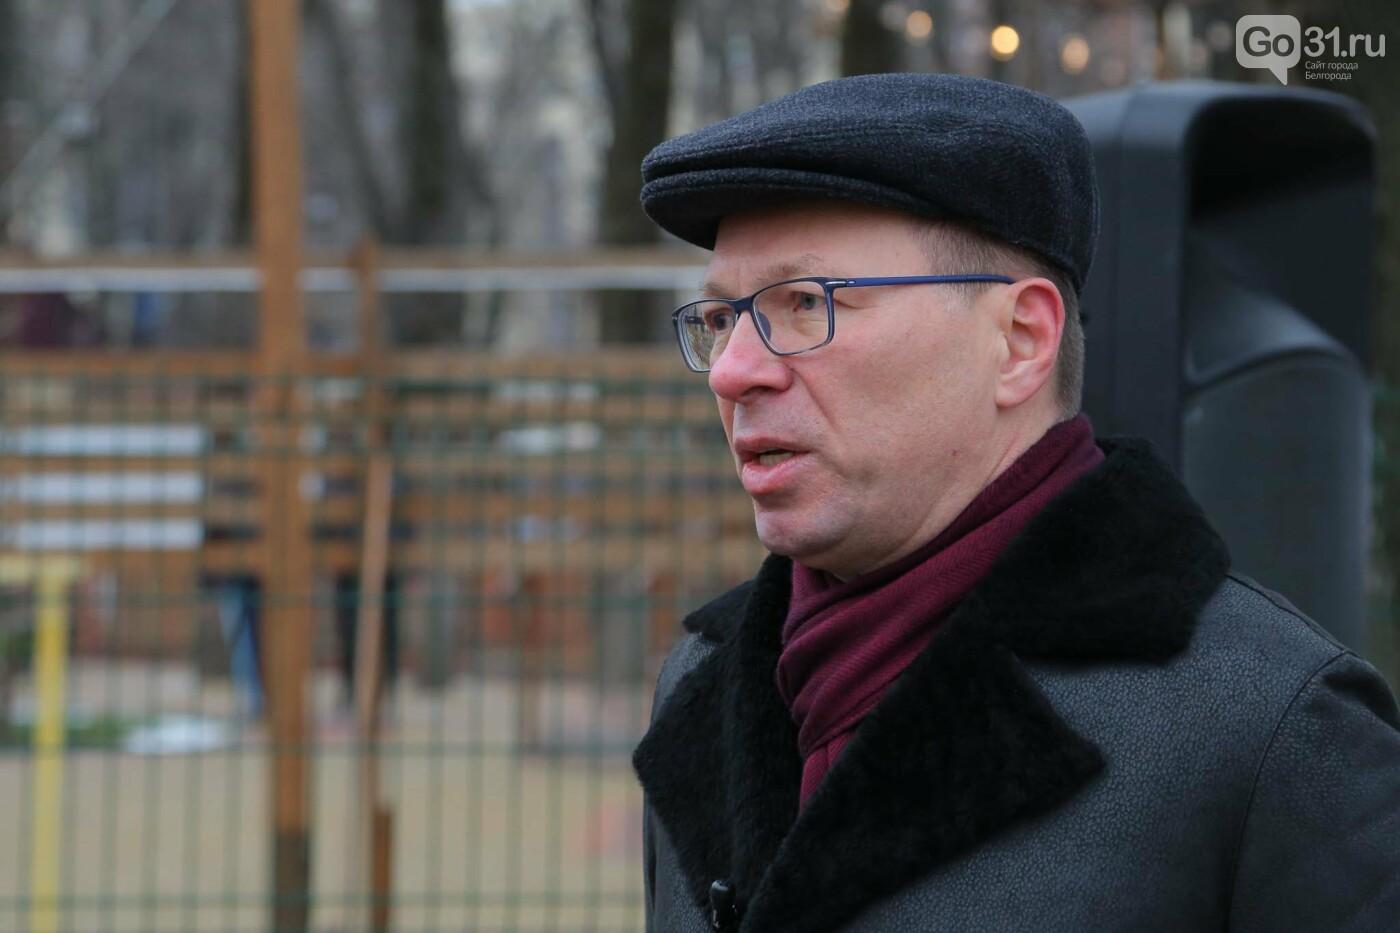 Александр Каракулов: С Центральным парком сейчас всё складывается не лучшим образом, фото-18